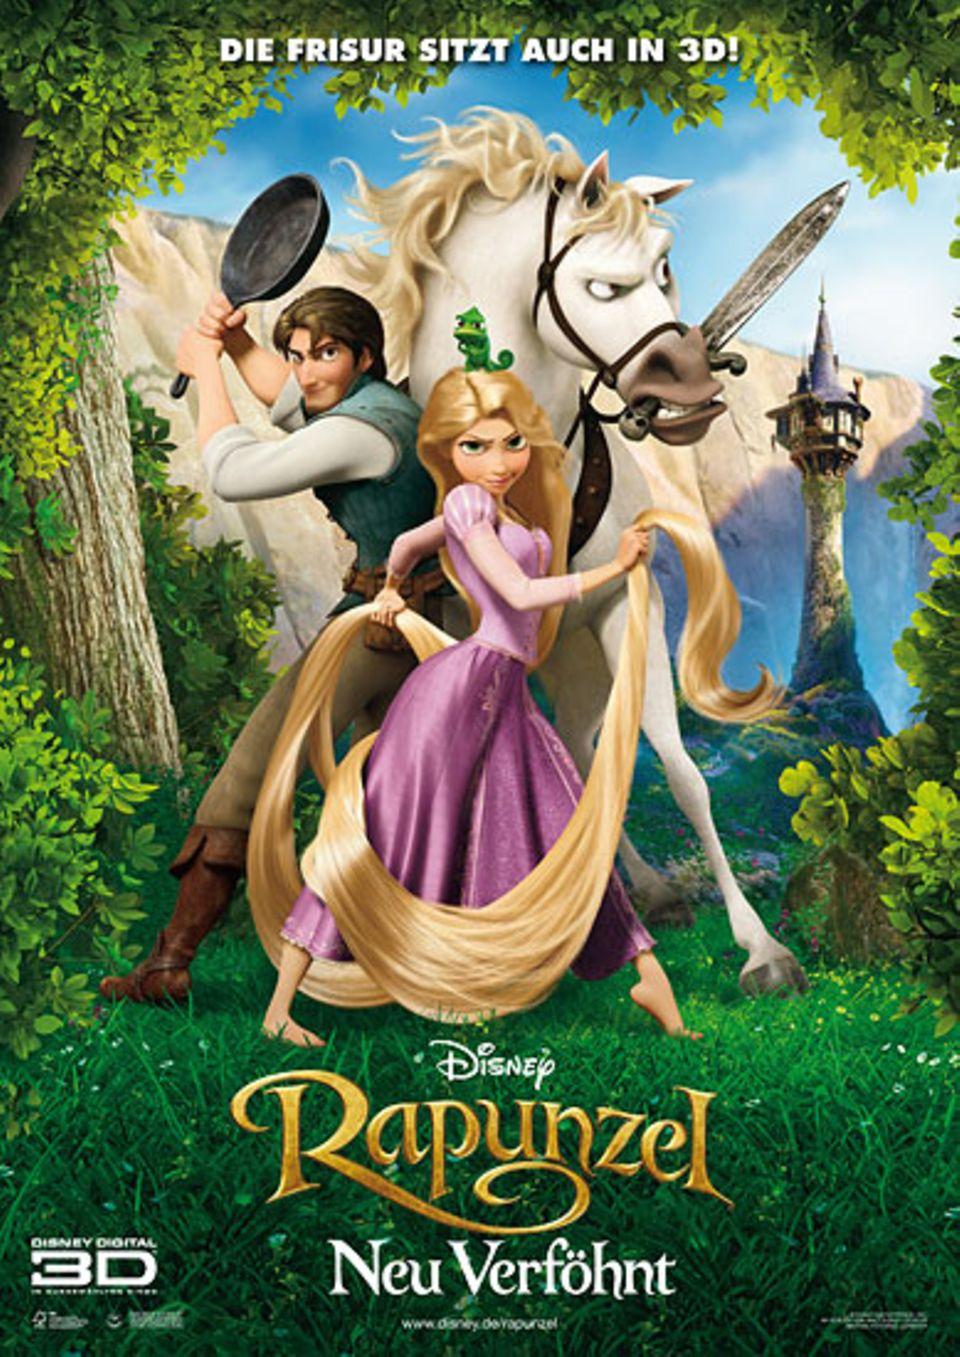 Kinotipp: Kinotipp: Rapunzel - Neu verföhnt